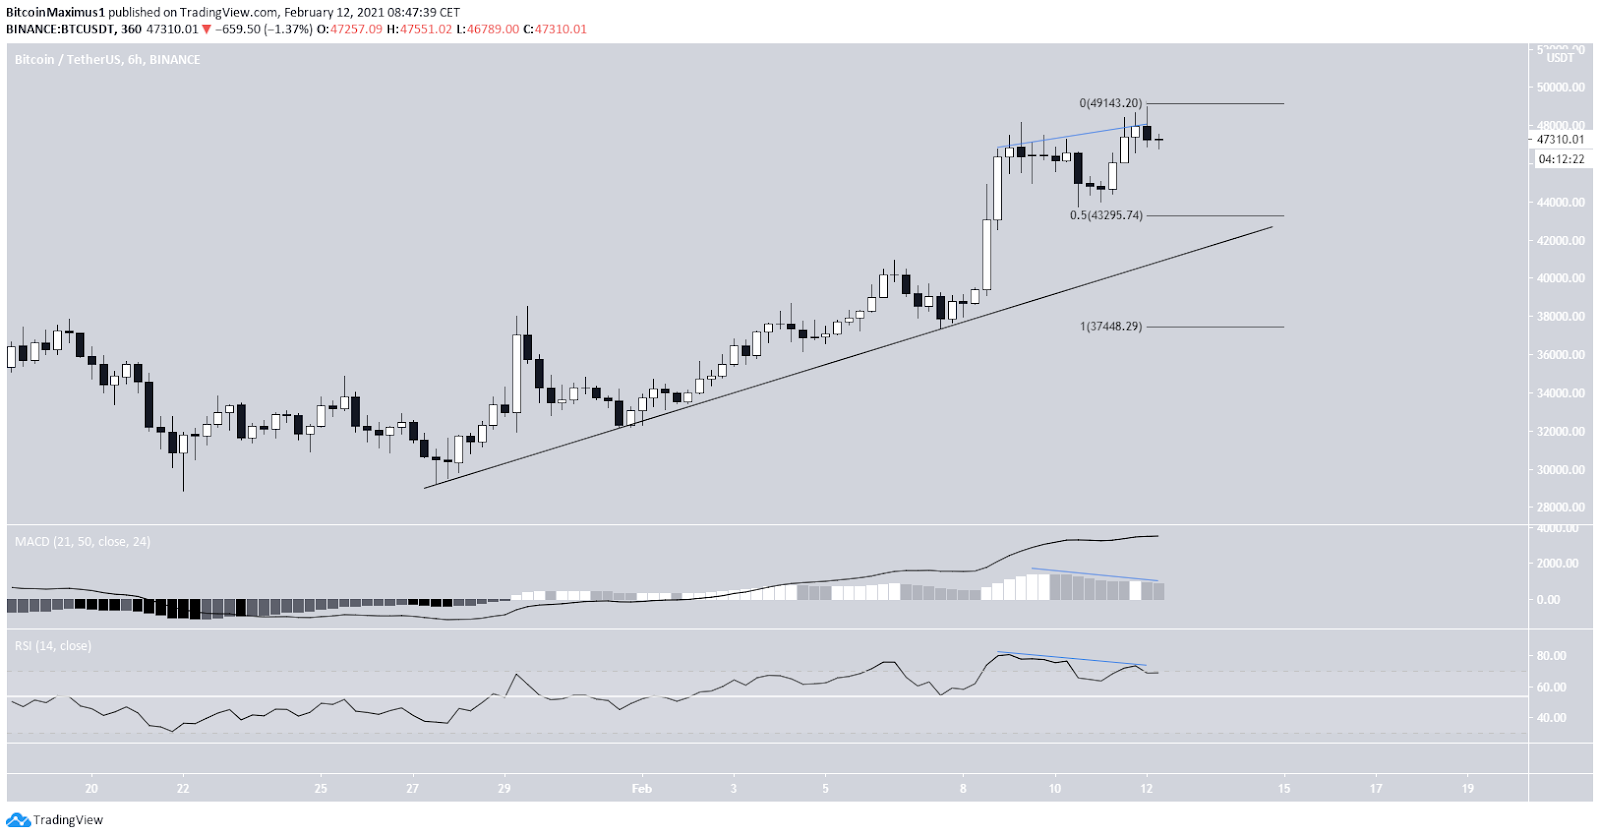 Bitcoin Kurs 6 Stunden Chart 12. Februar 2021